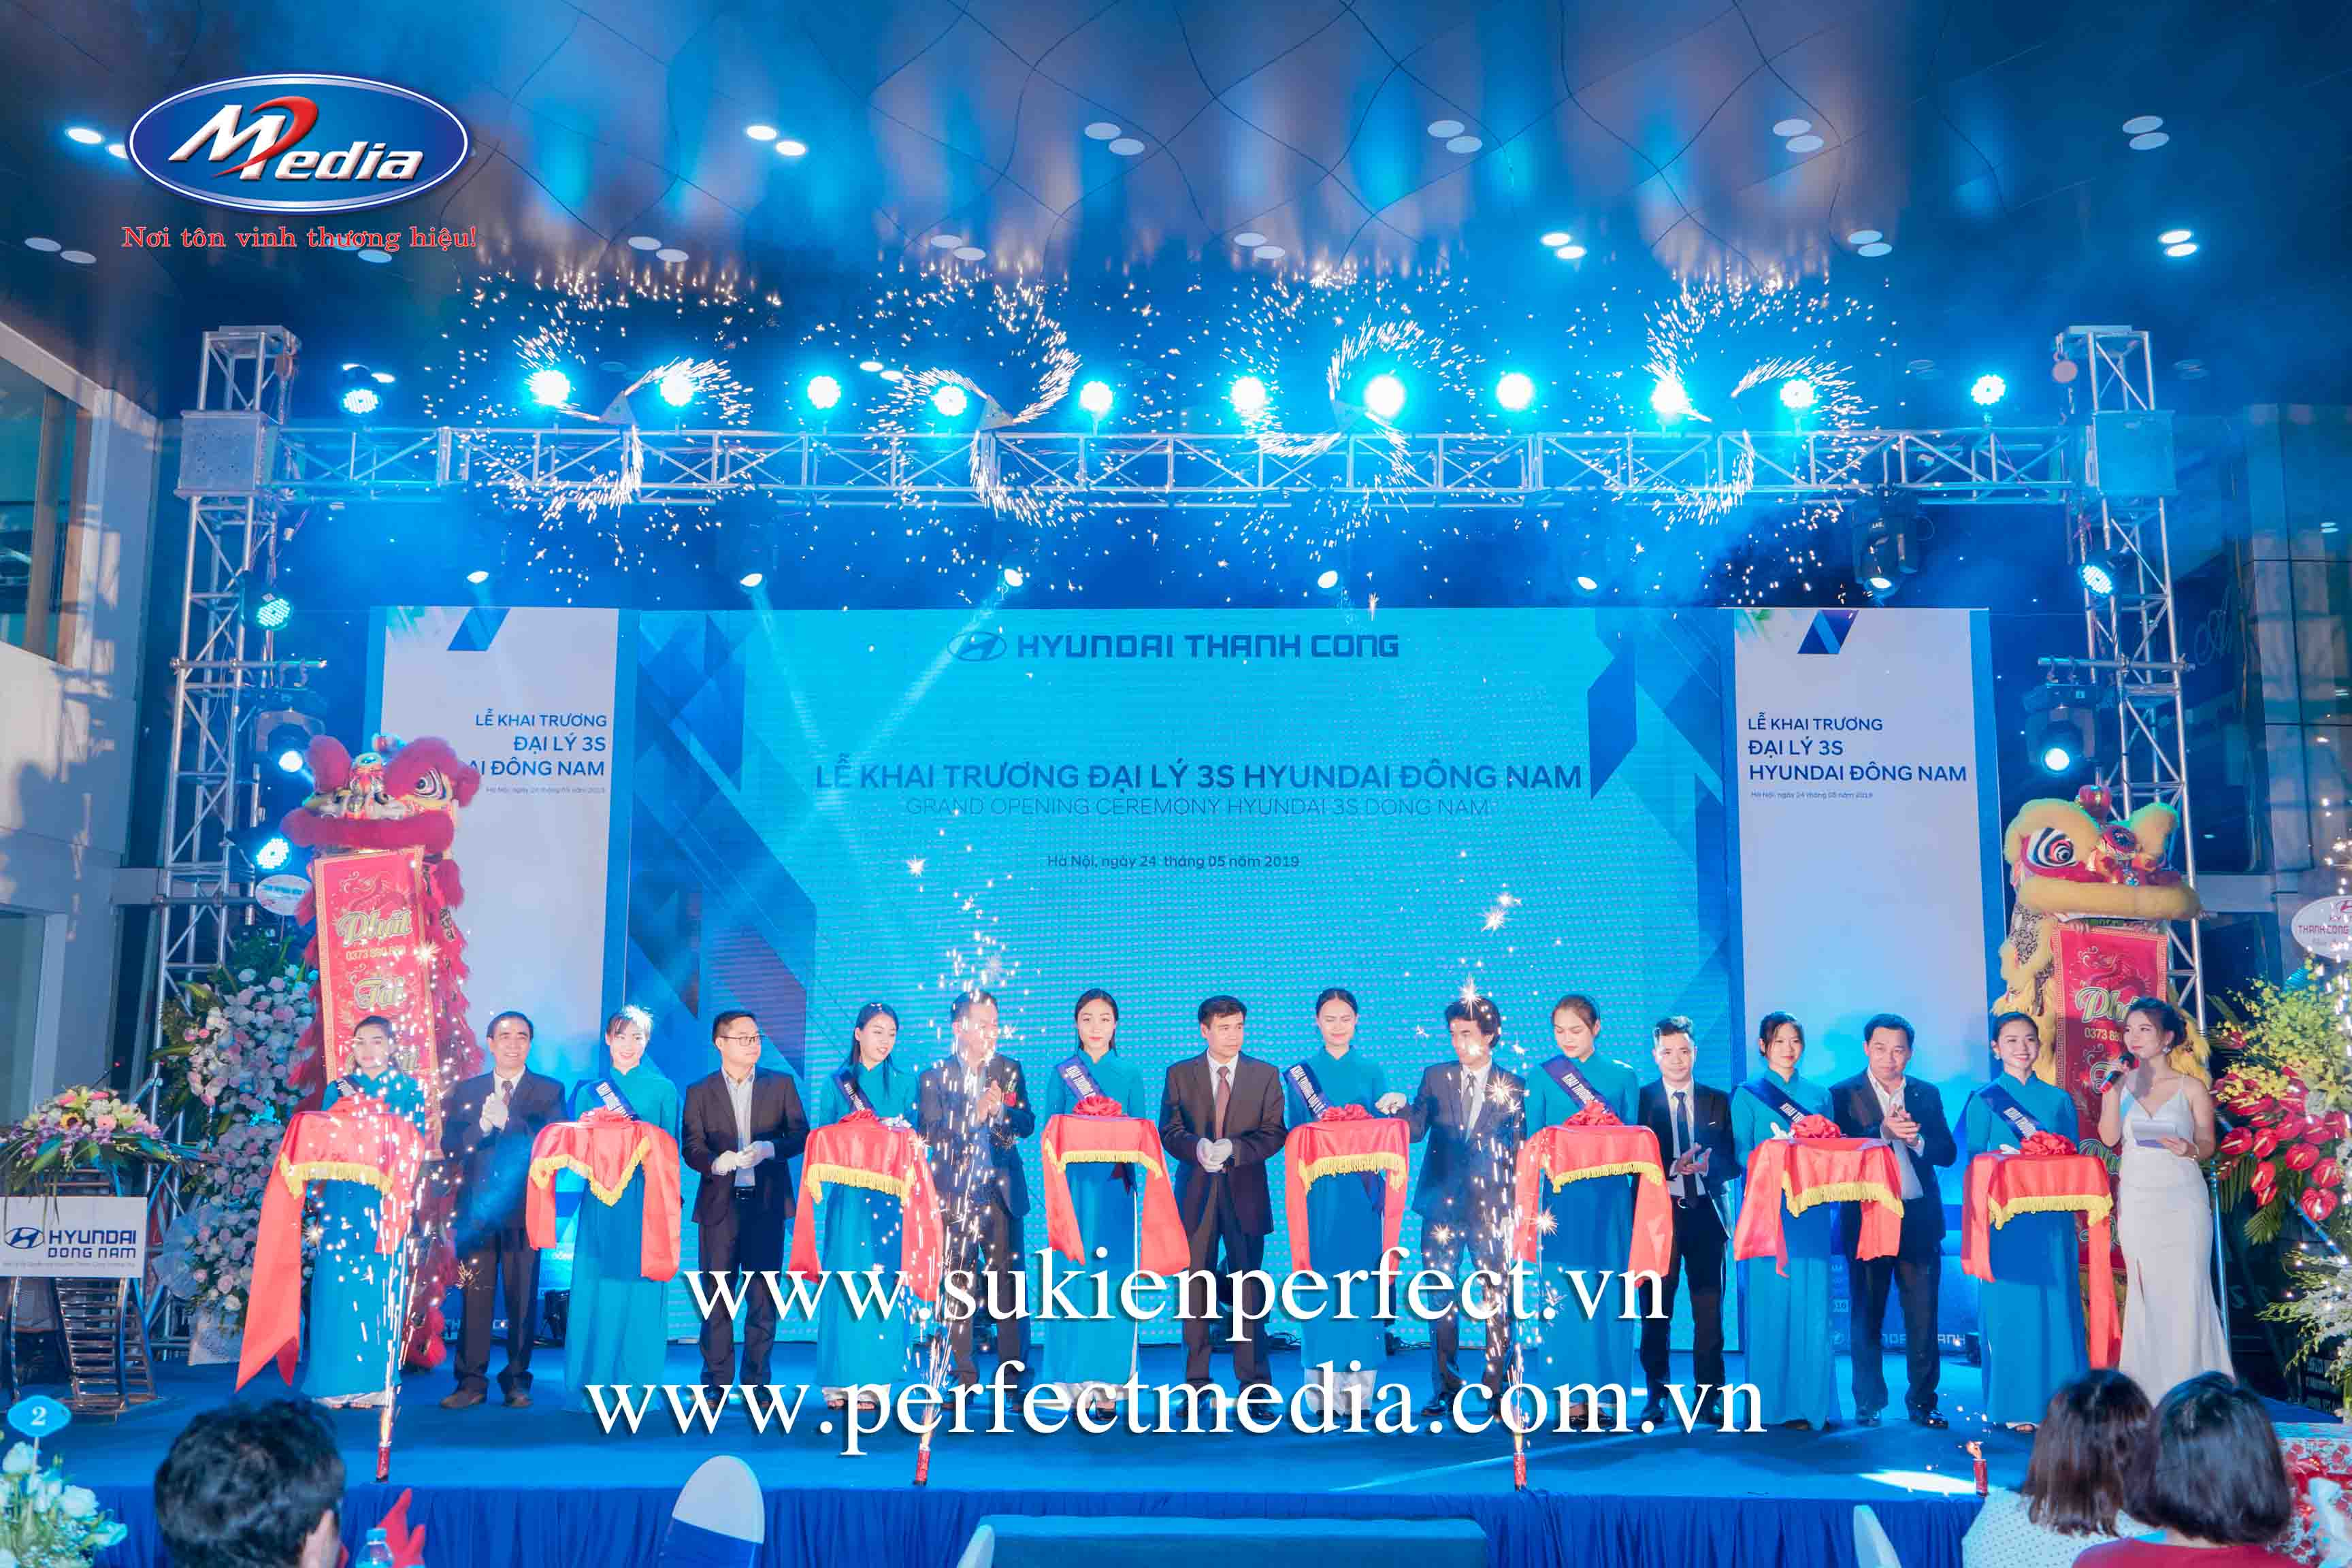 tổ chức lễ khai trương, khánh thành tại Bắc Ninh